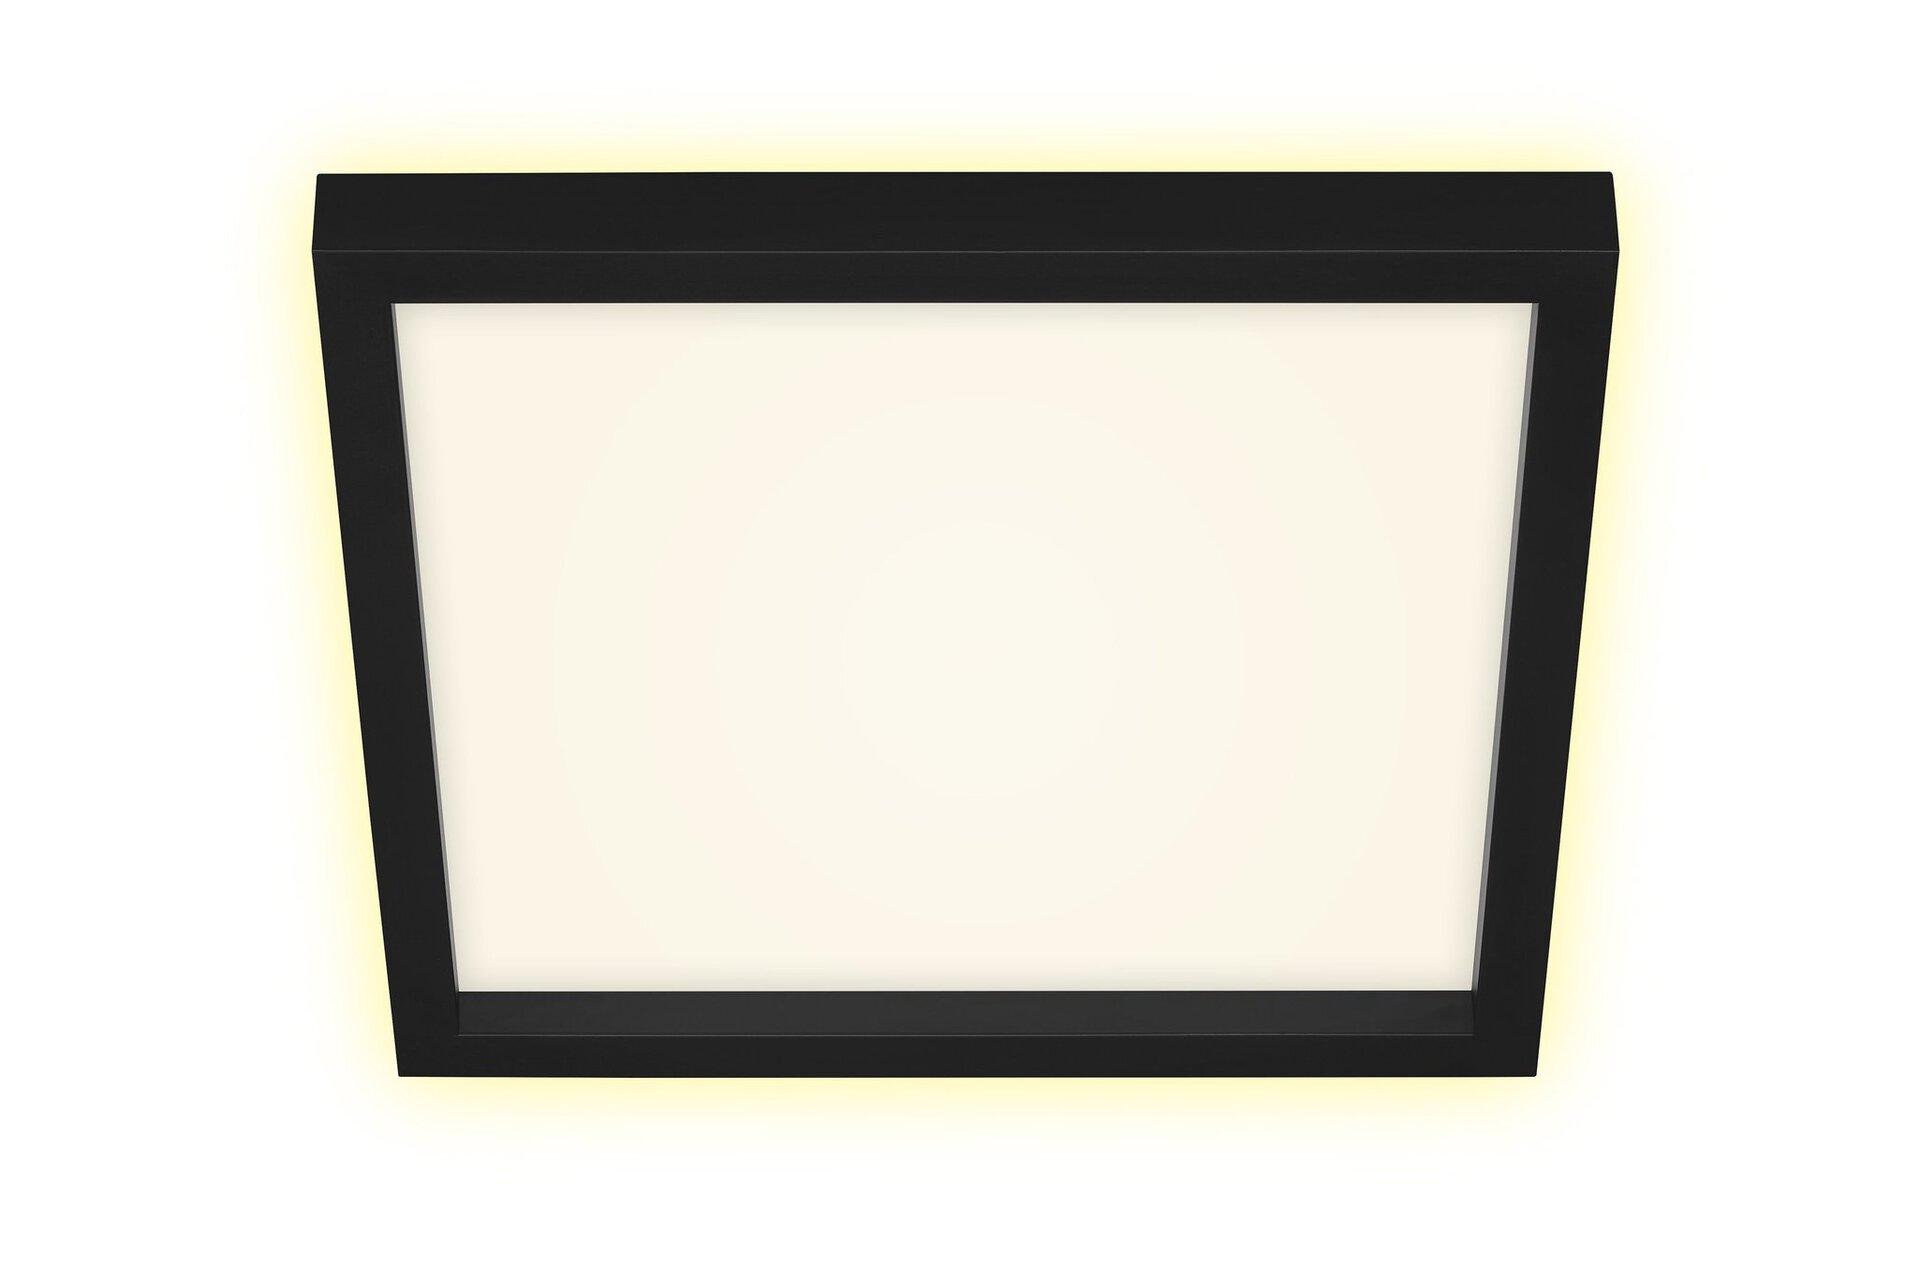 Deckenleuchte CADRE Briloner Metall schwarz 30 x 4 x 30 cm